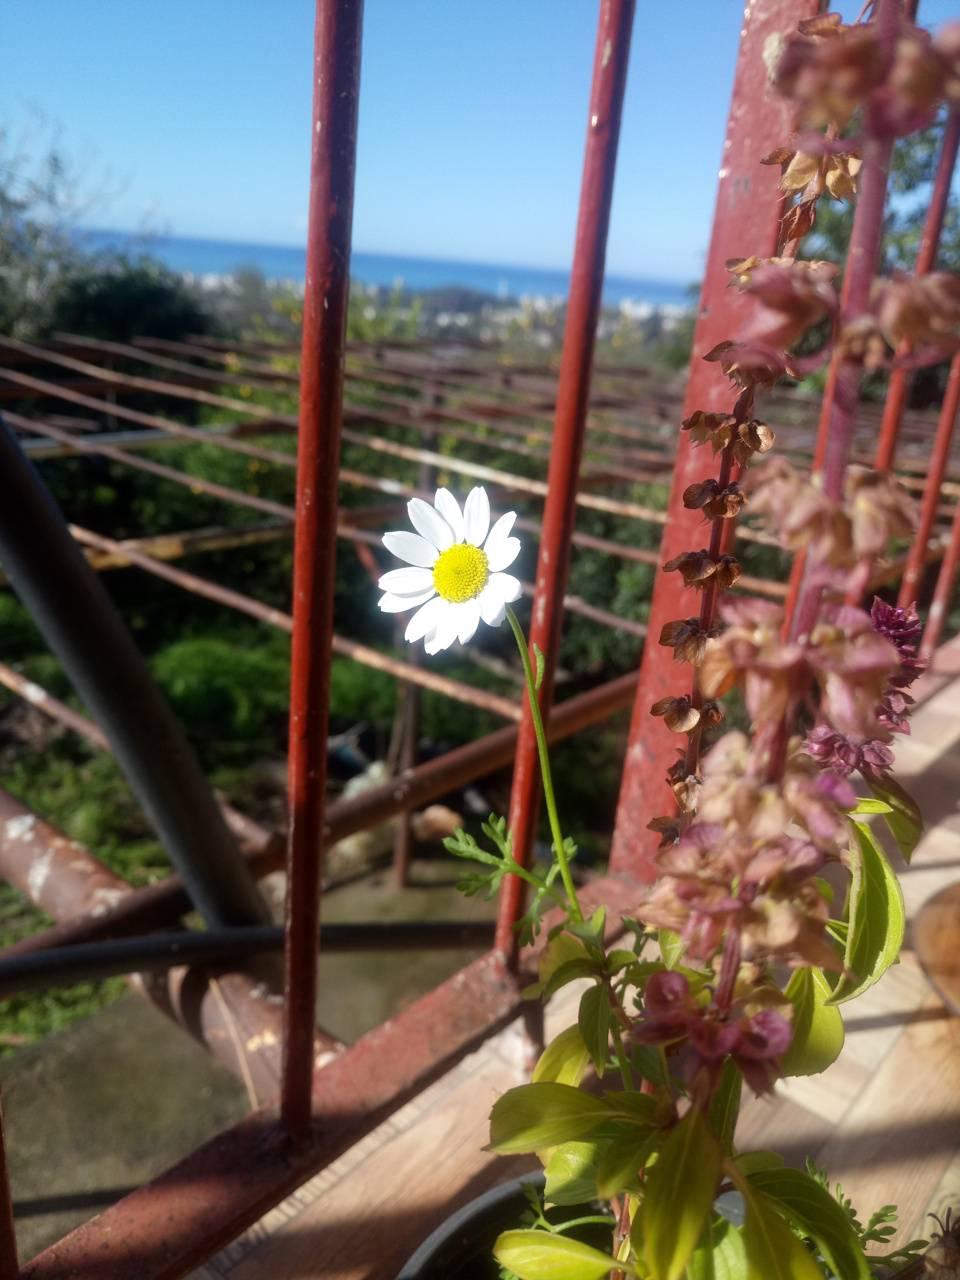 Autumn spring daisy